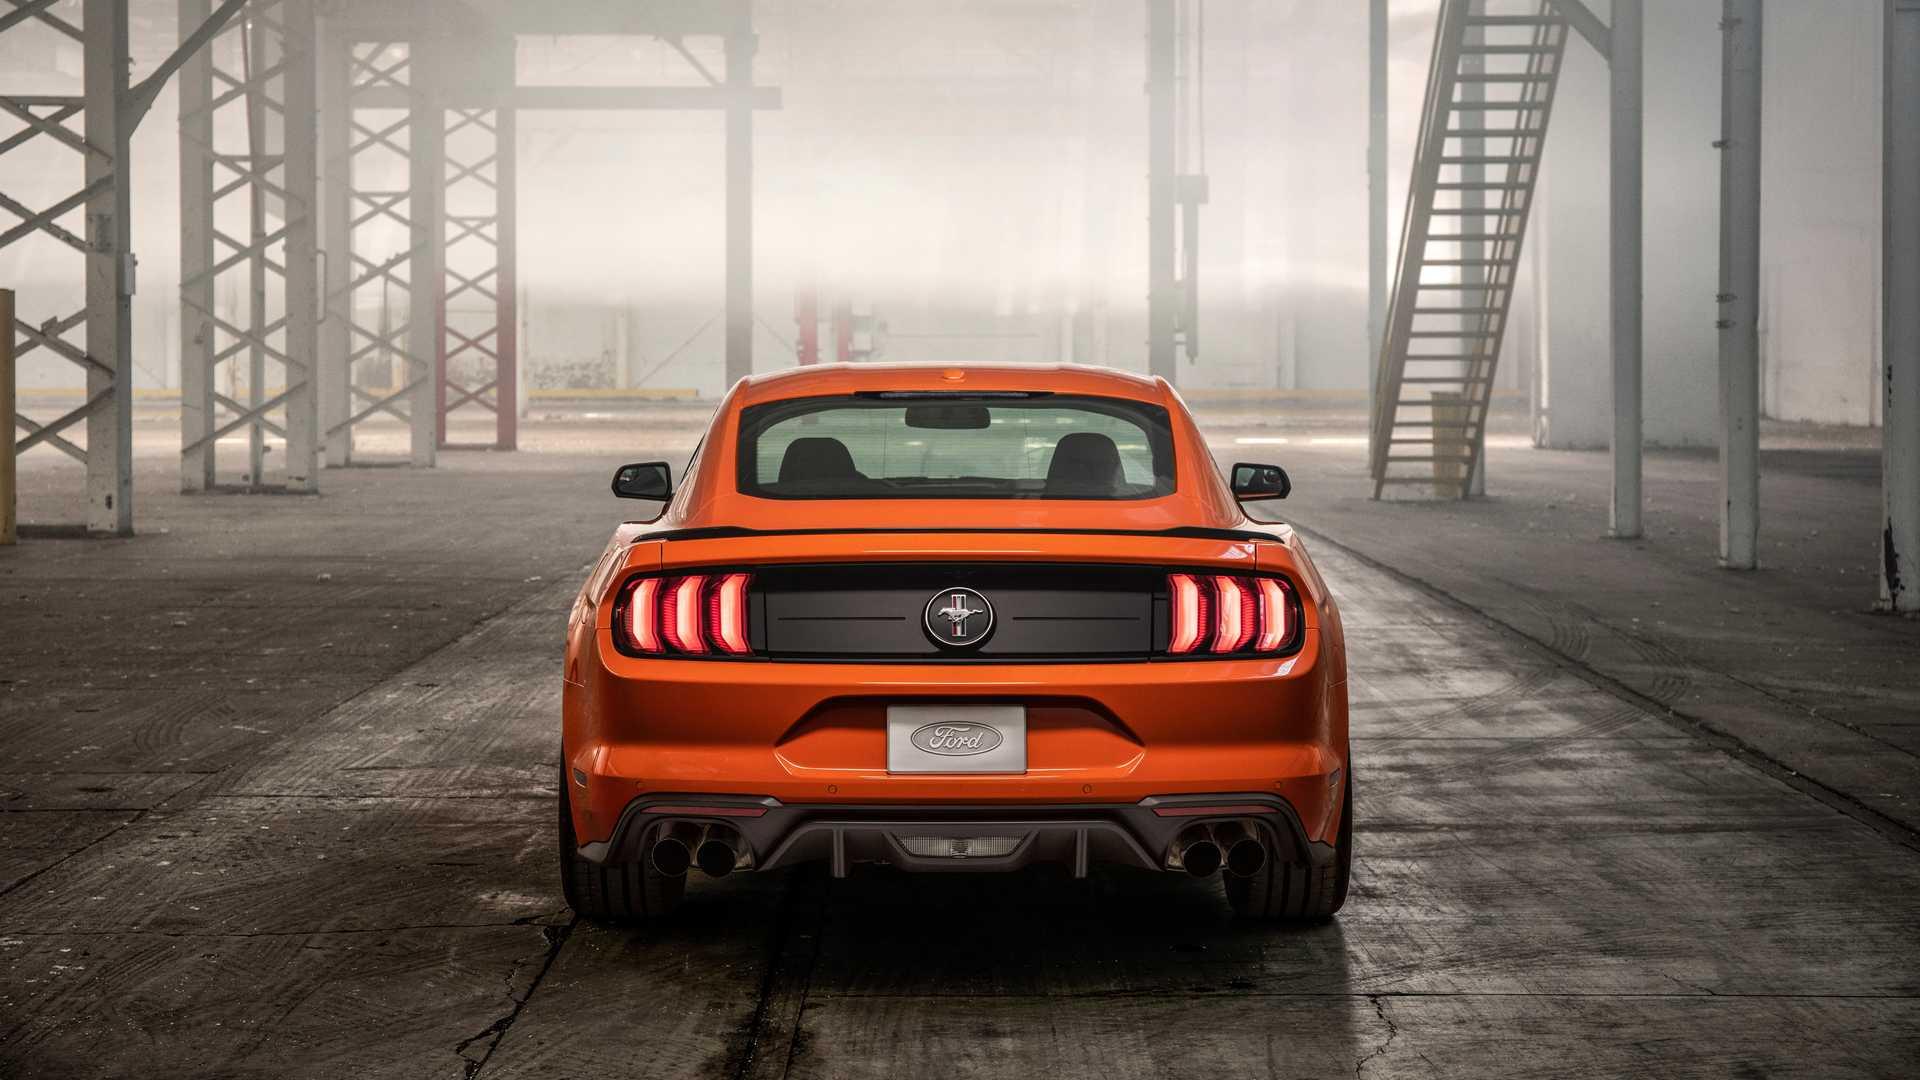 2020-ford-mustang-high-perf-package-4.jpg